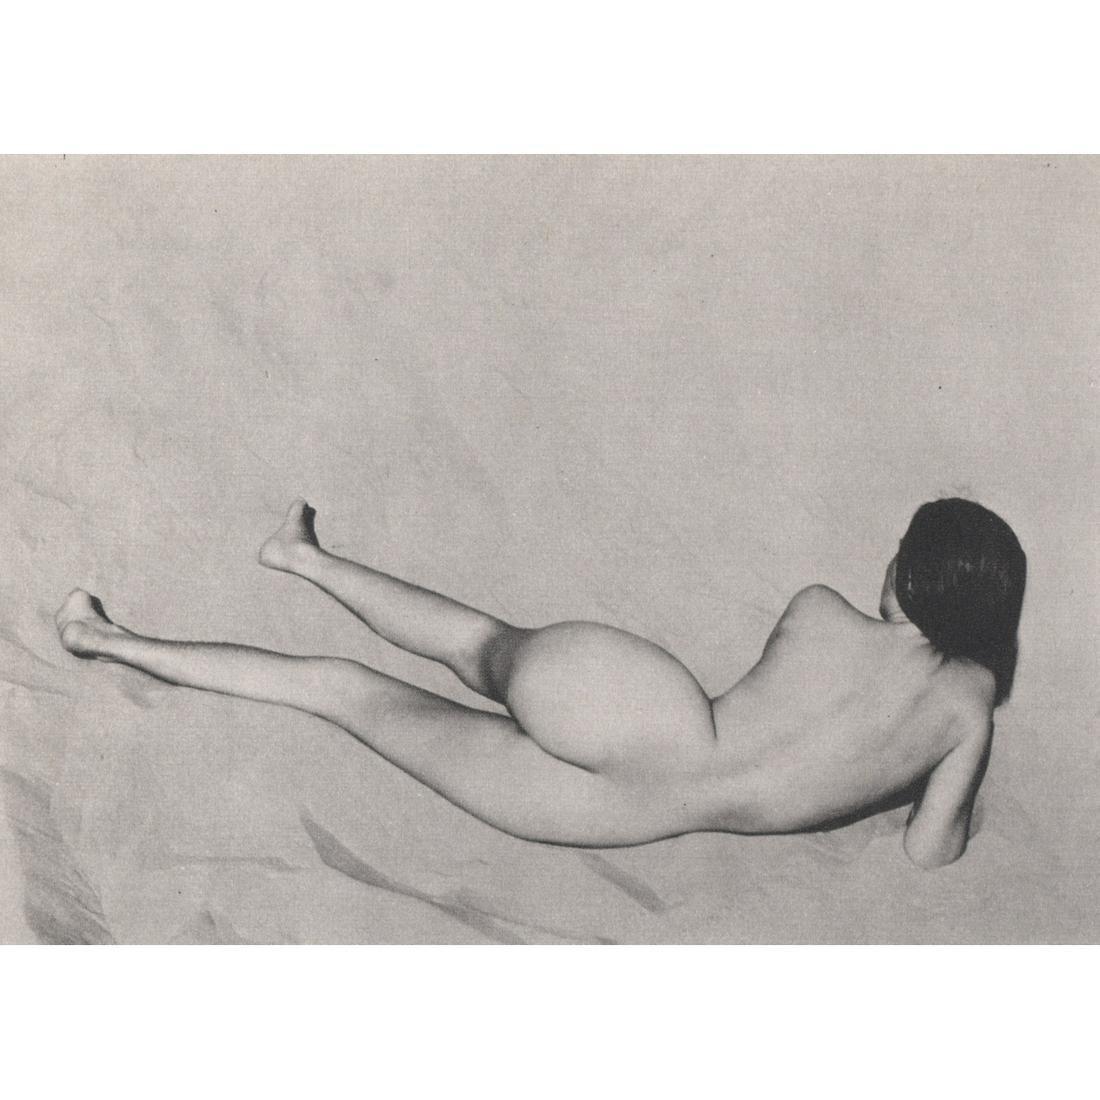 EDWARD WESTON - Nude